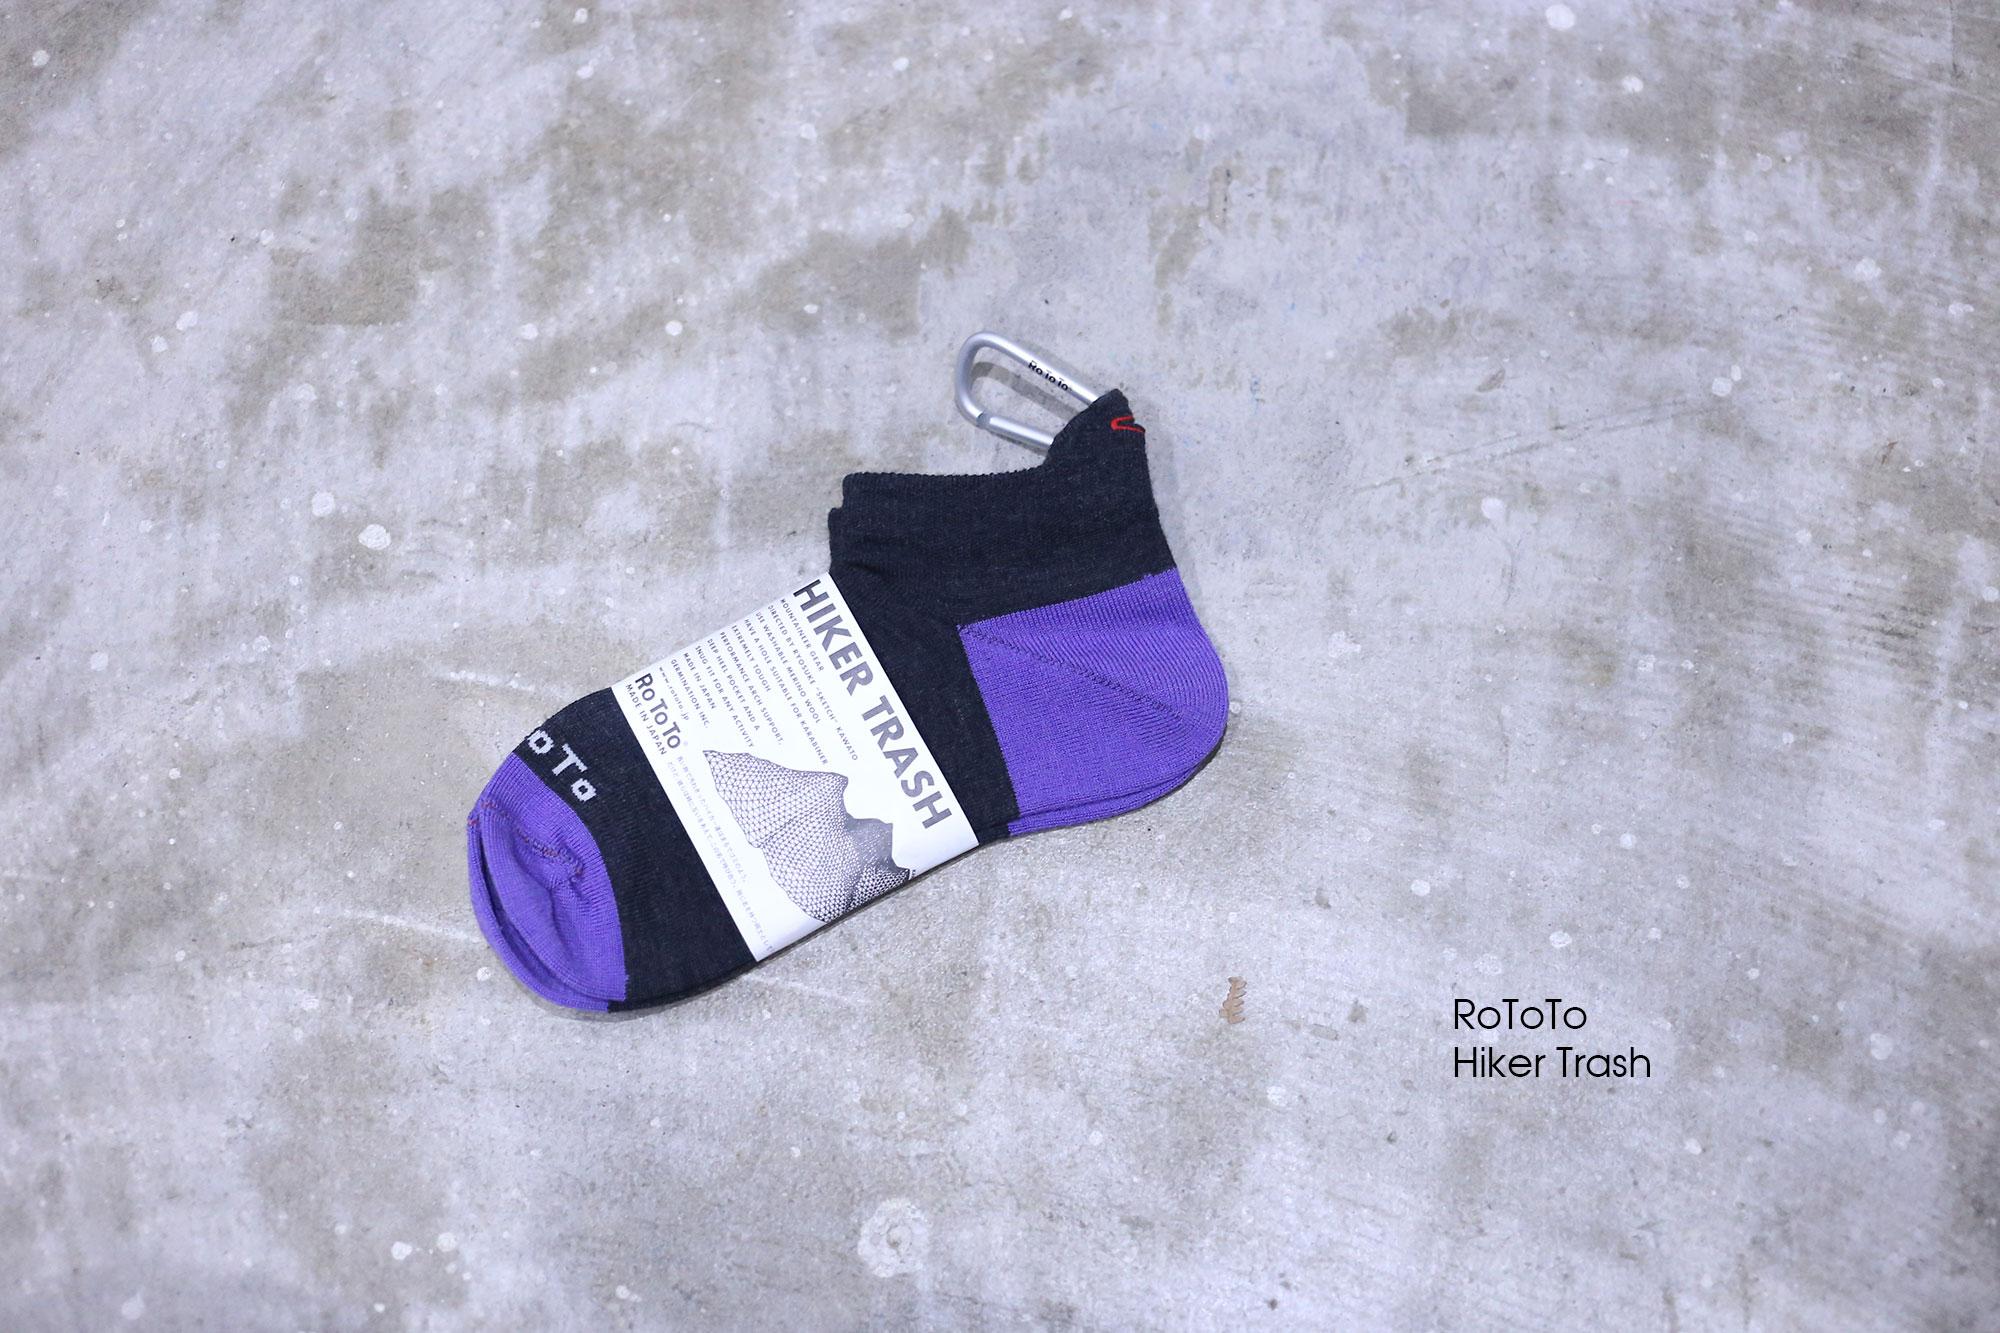 RoToTo Hiker Trash